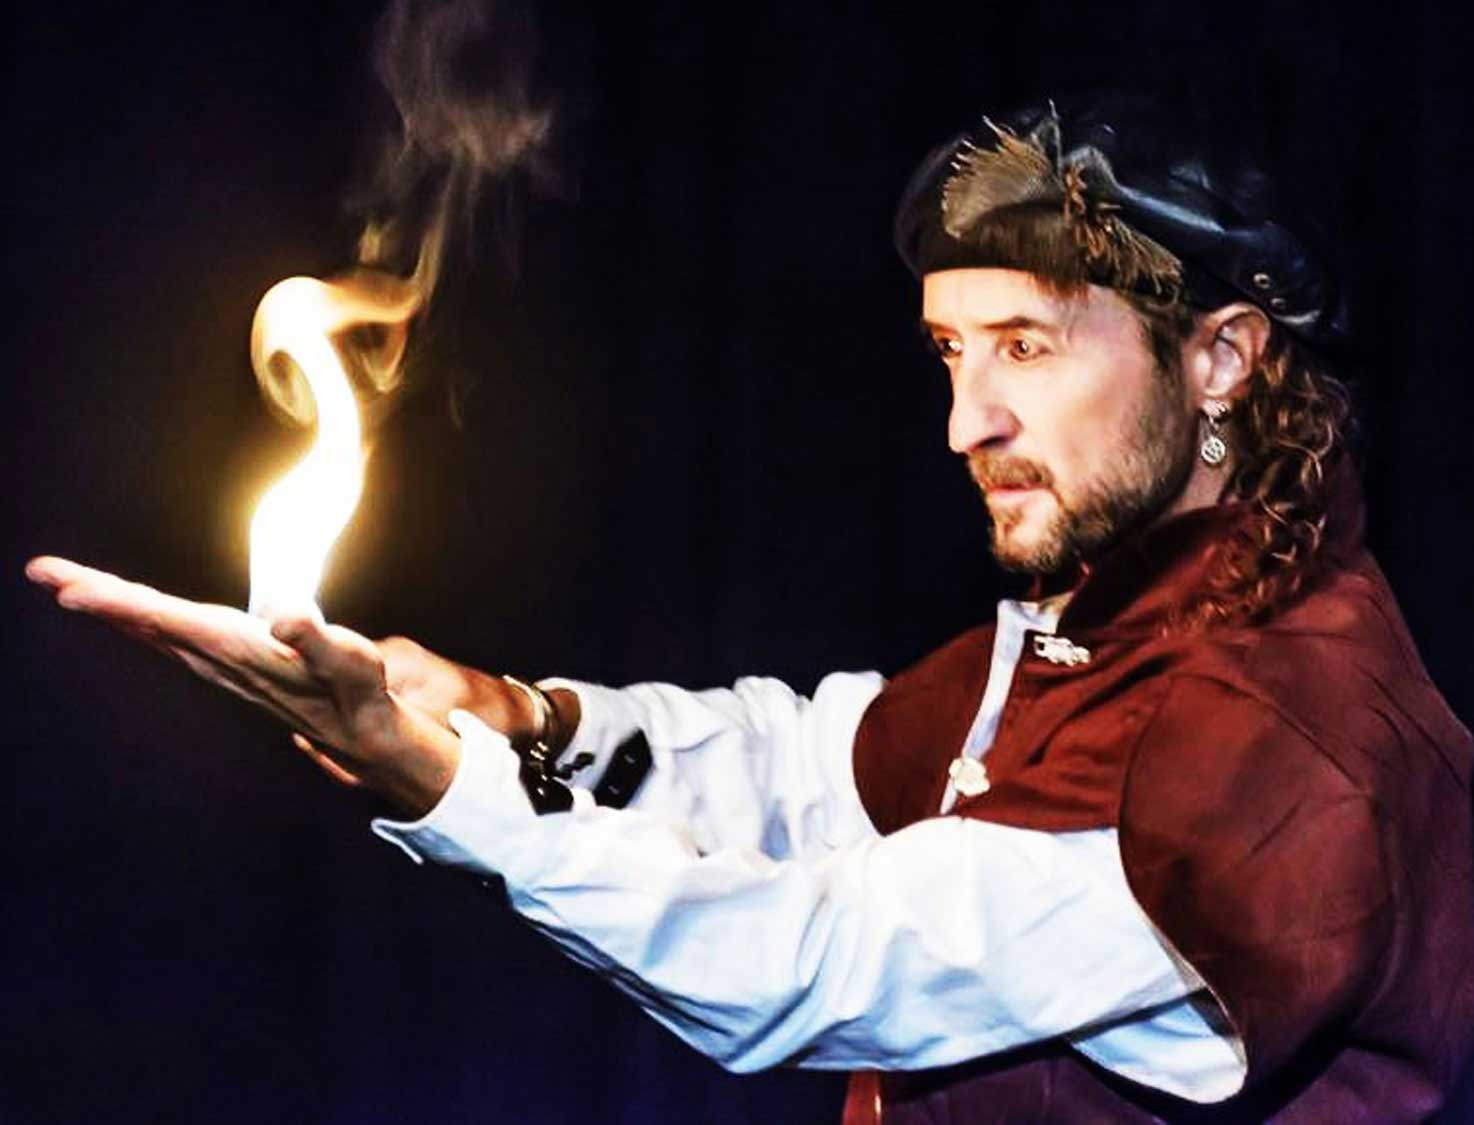 Pirate Capitaine Loran, cracheur de feu, manipule le feu